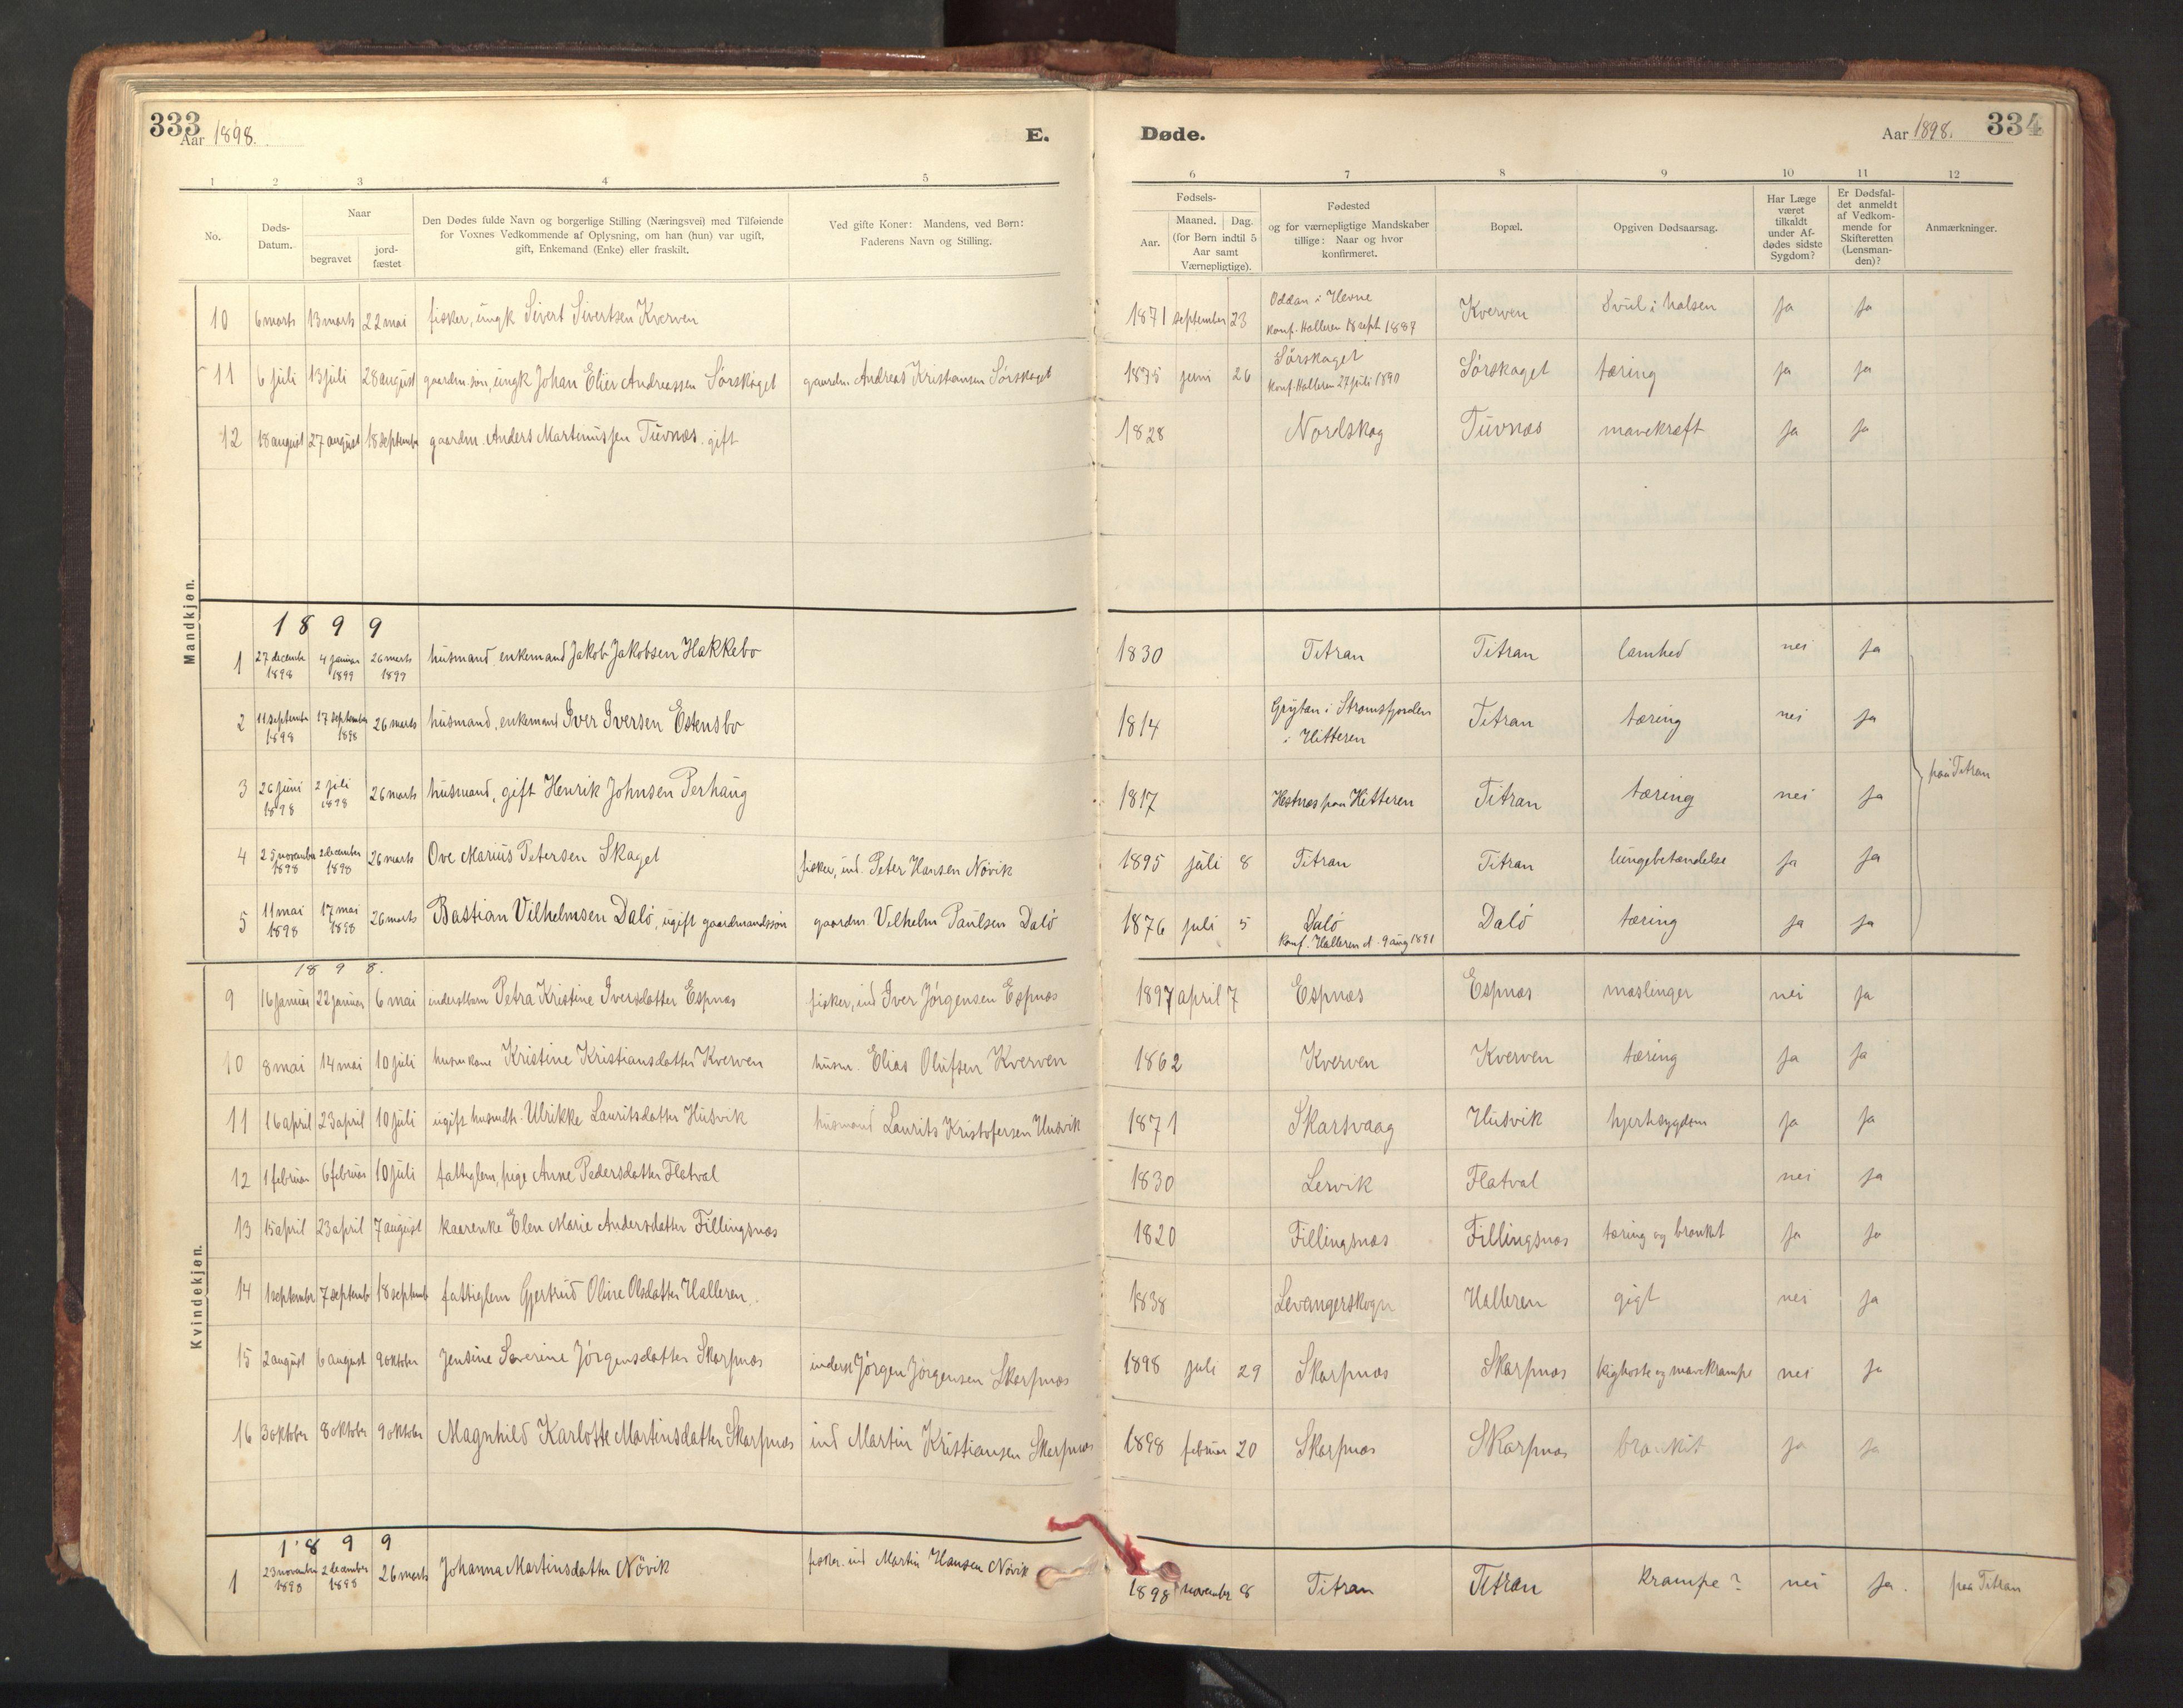 SAT, Ministerialprotokoller, klokkerbøker og fødselsregistre - Sør-Trøndelag, 641/L0596: Ministerialbok nr. 641A02, 1898-1915, s. 333-334